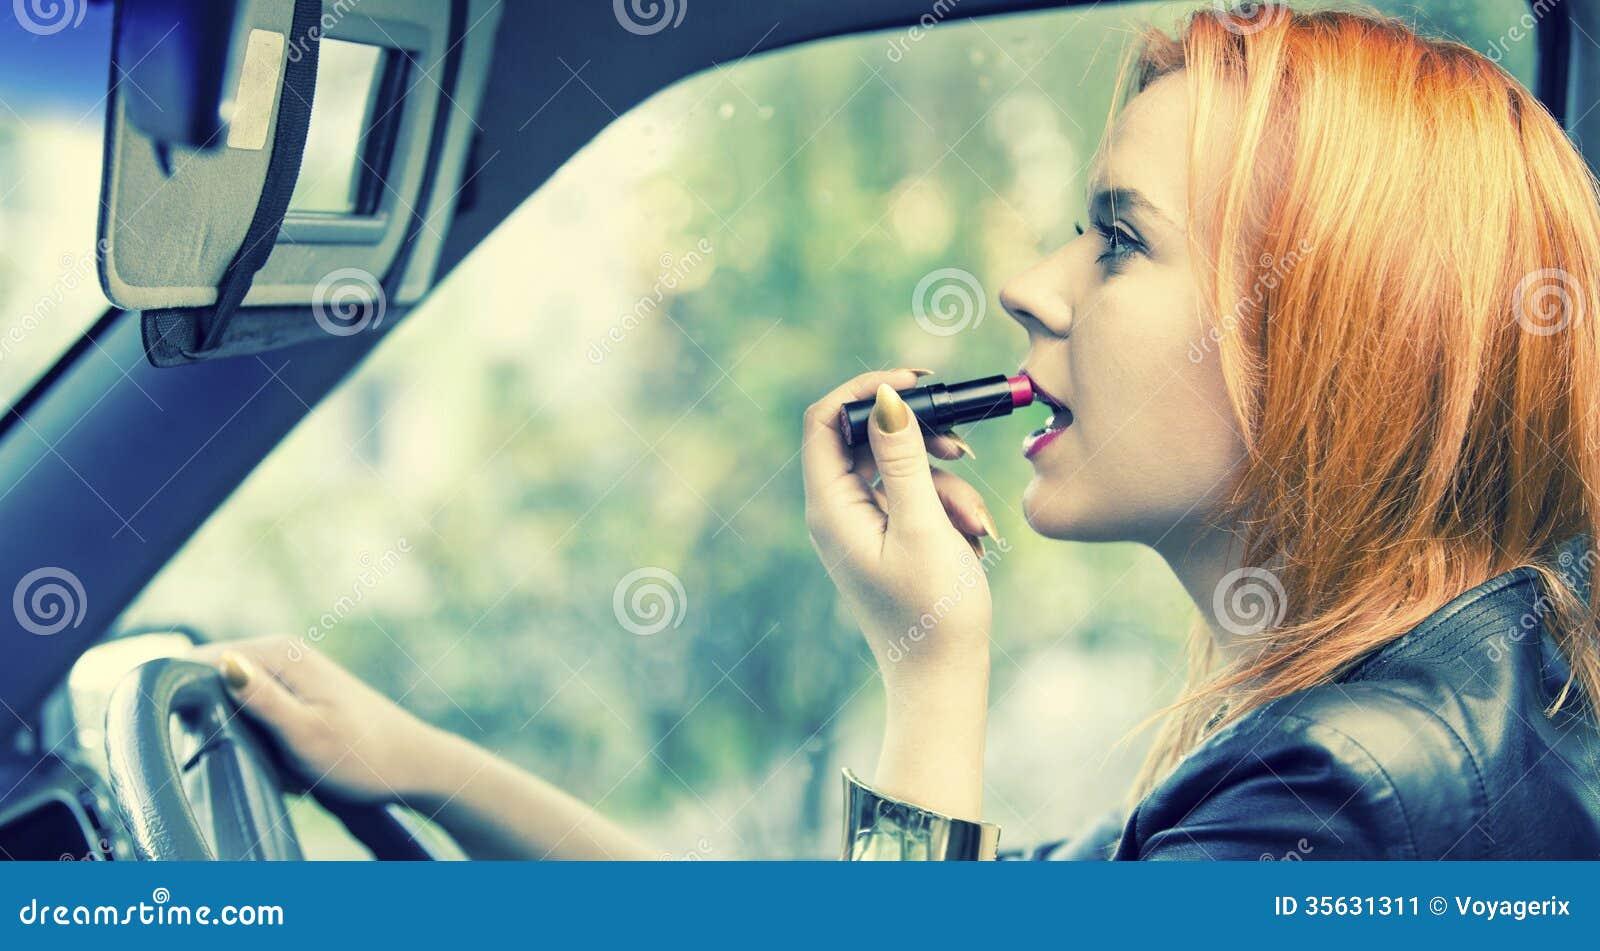 Czerwona z włosami kobieta stosuje pomadkę na wargach w samochodzie. Niebezpieczeństwo na drodze.